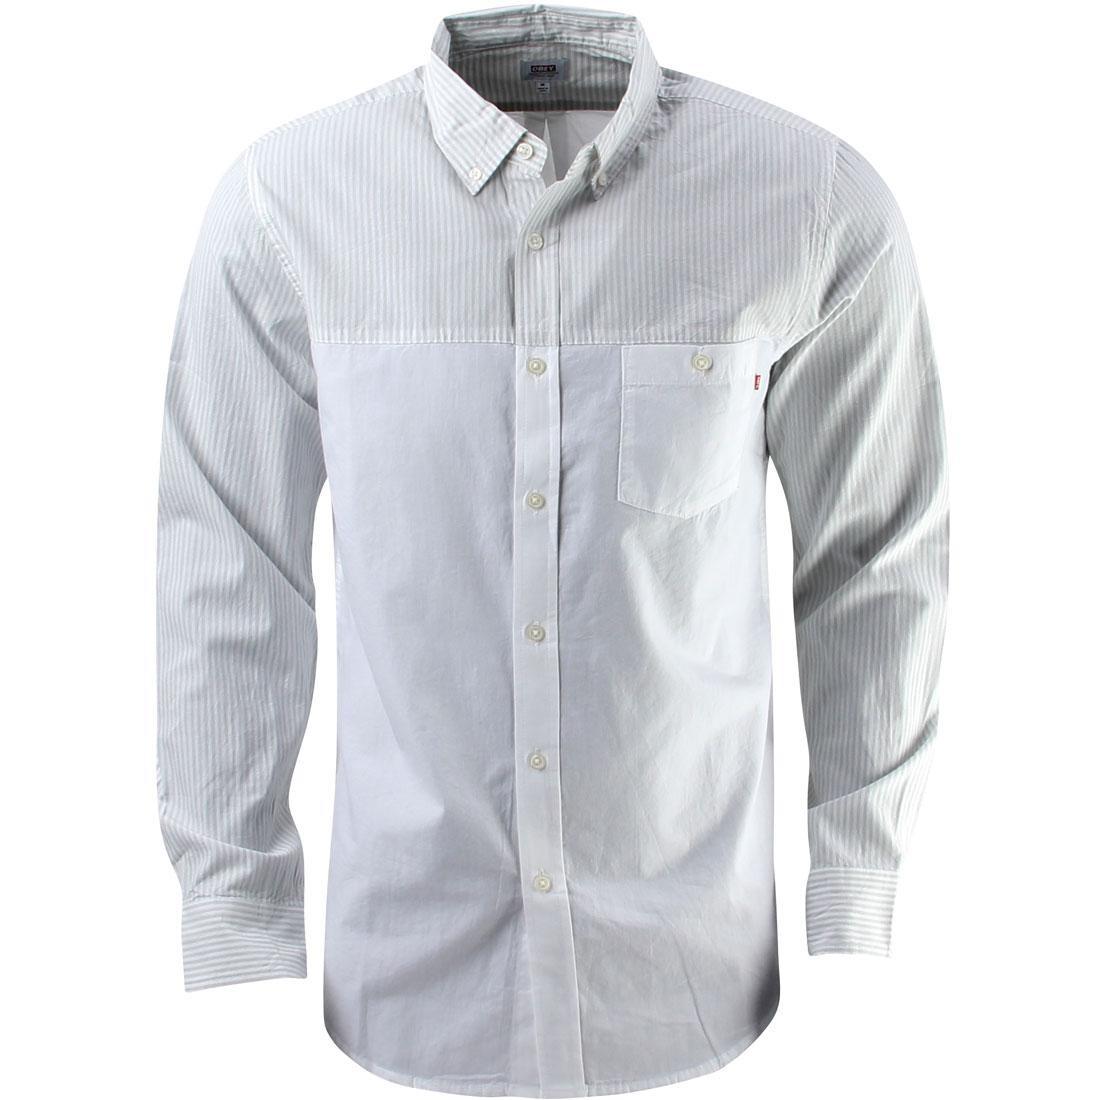 【海外限定】ウーブン カジュアルシャツ メンズファッション 【 WOVEN OBEY BOND DISSENT SHIRT WHITE 】